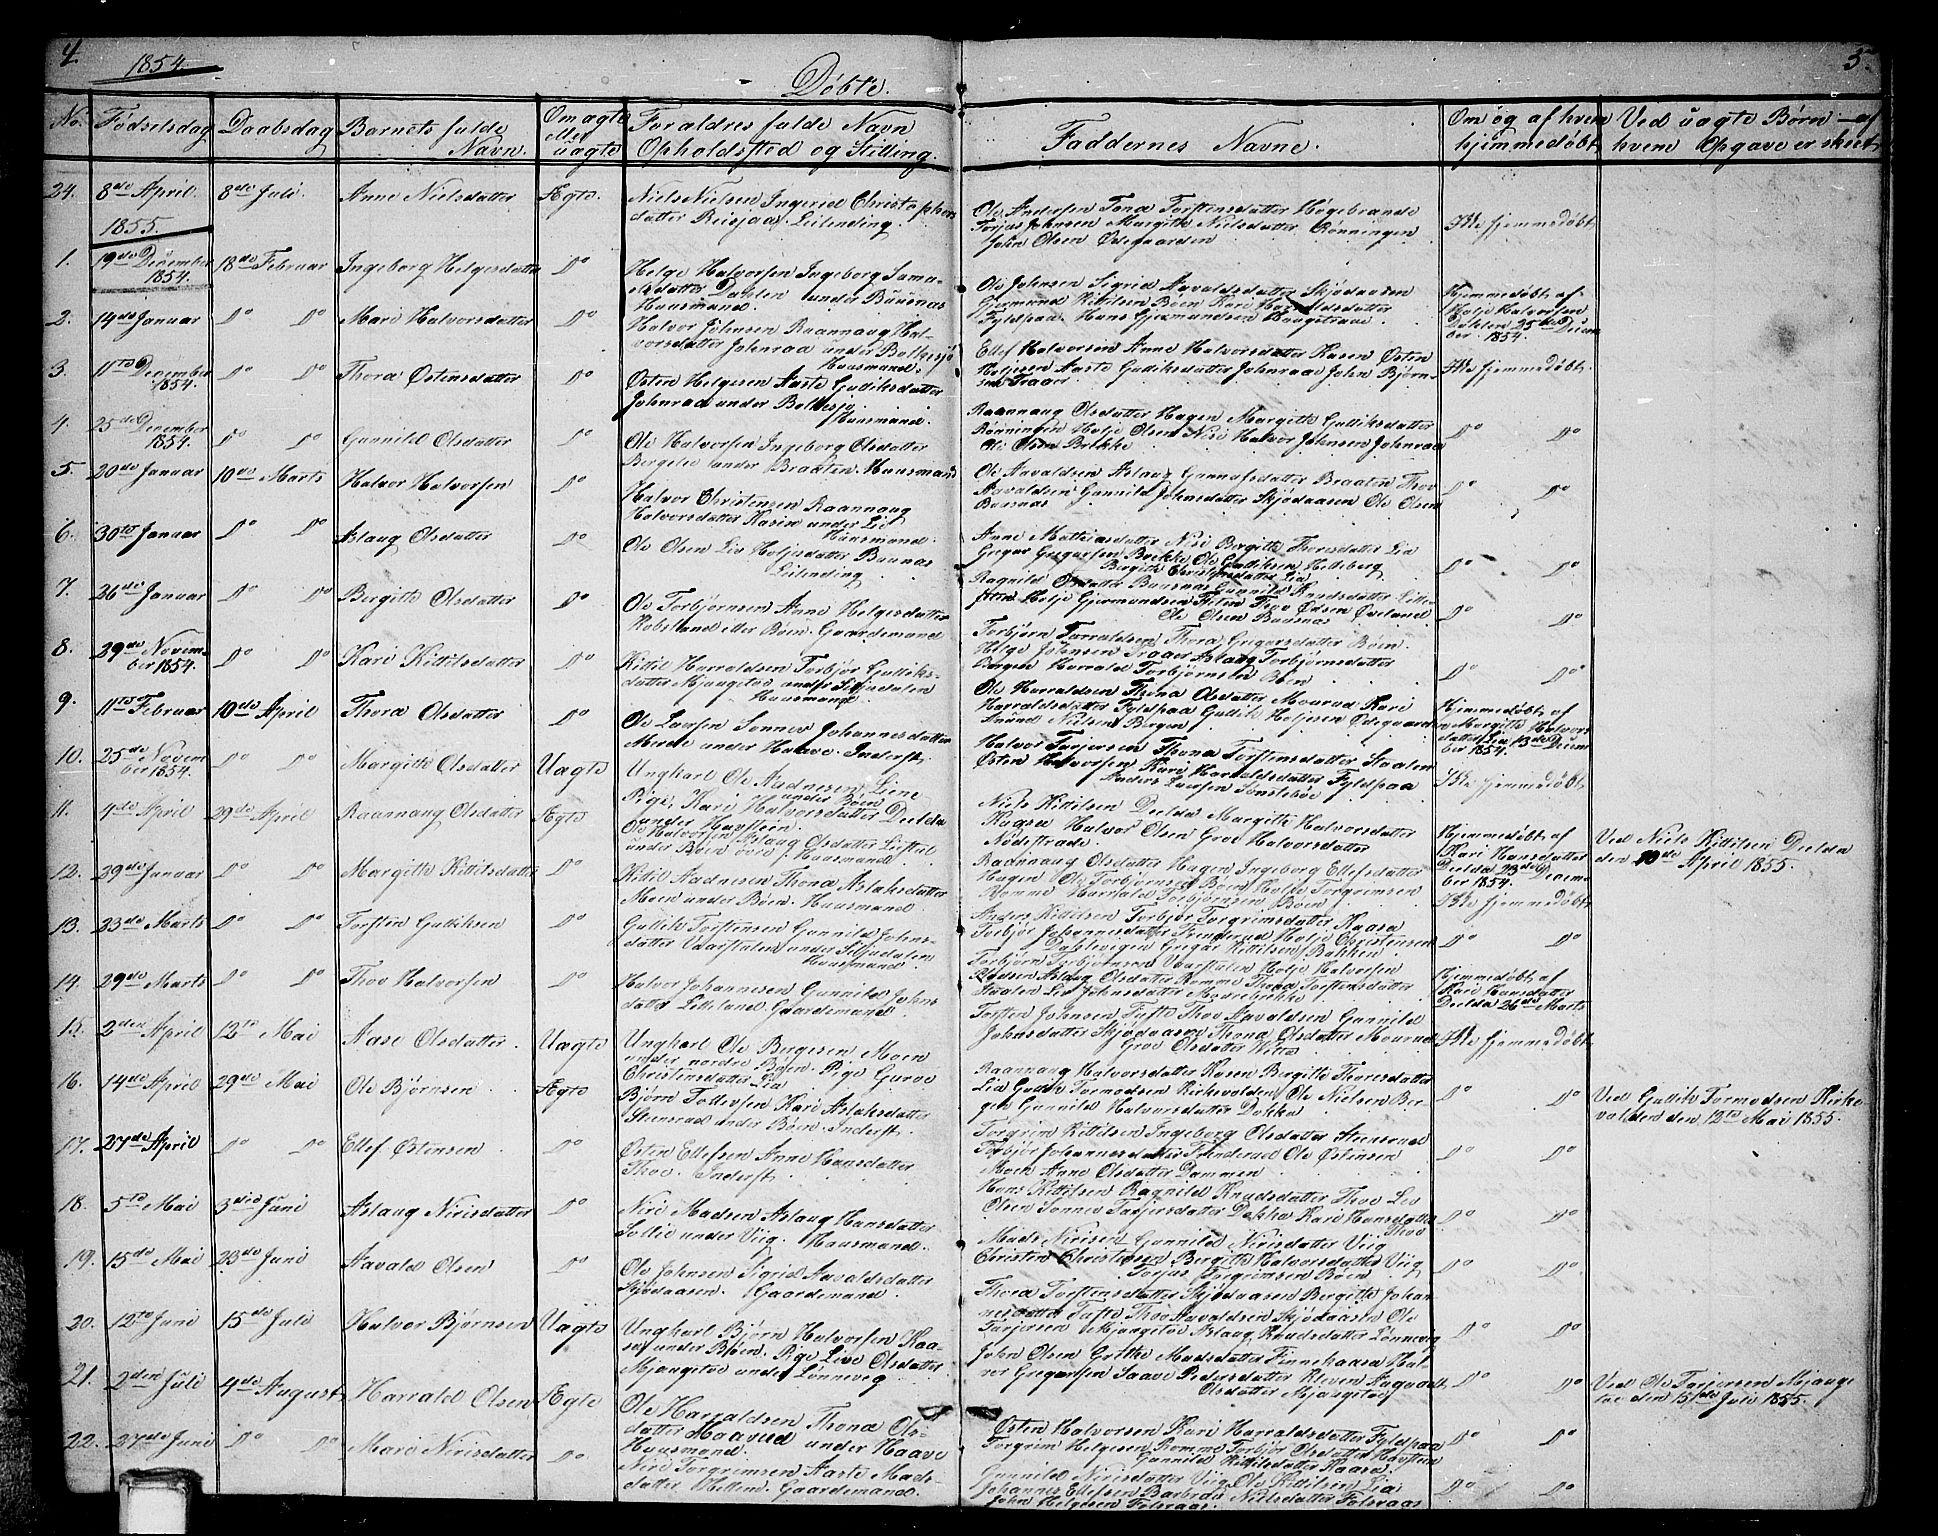 SAKO, Gransherad kirkebøker, G/Ga/L0002: Klokkerbok nr. I 2, 1854-1886, s. 4-5